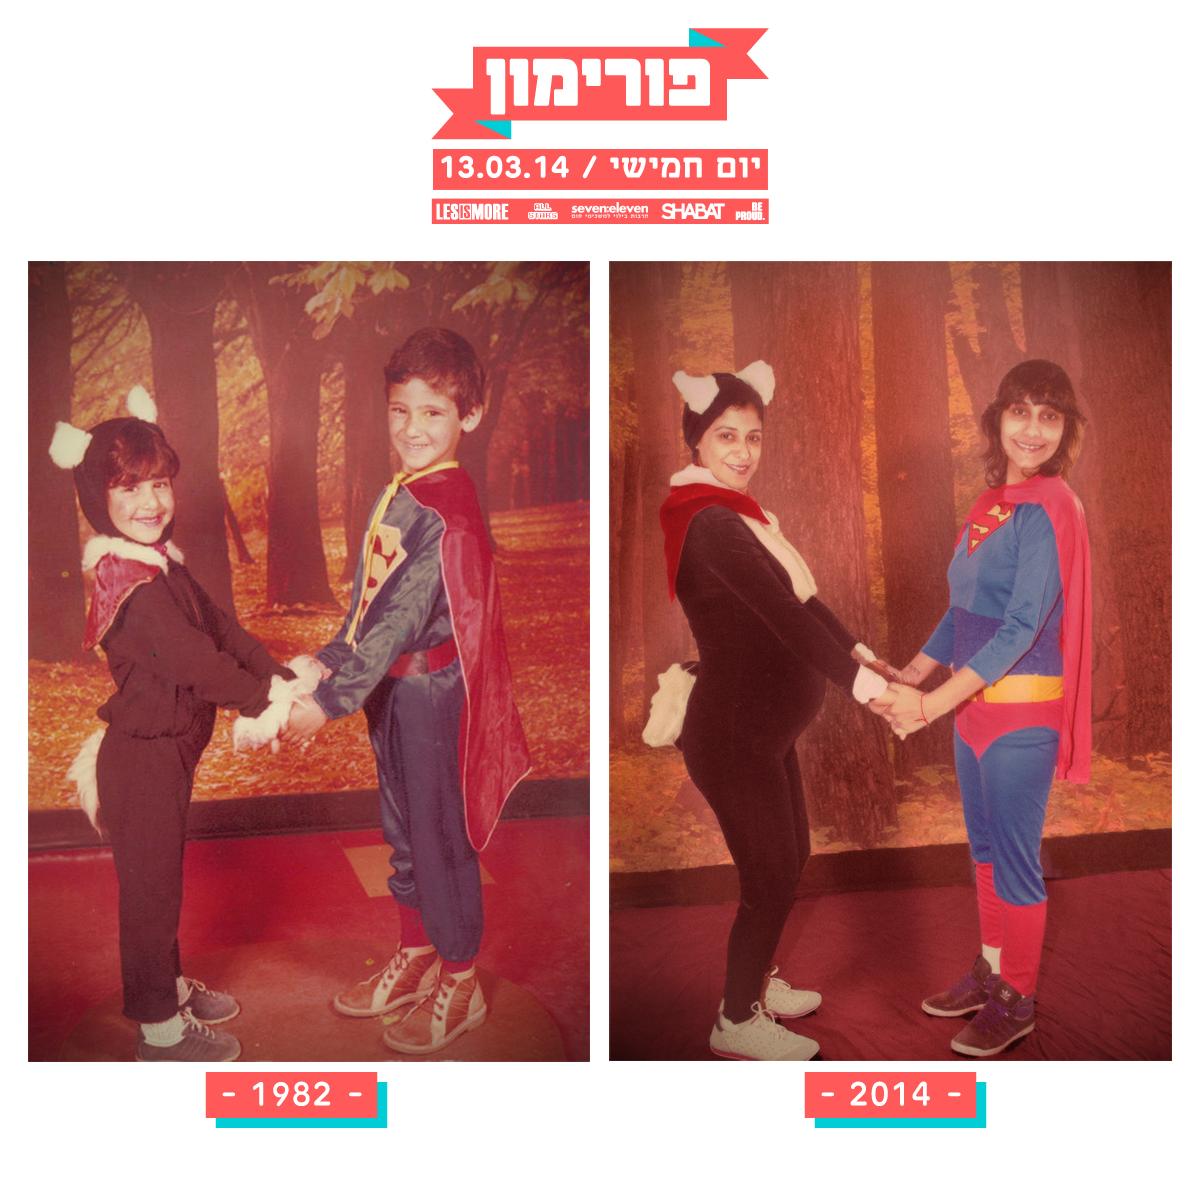 פורימון - חוגגים את פורים עם תמונות ילדות משוחזרות